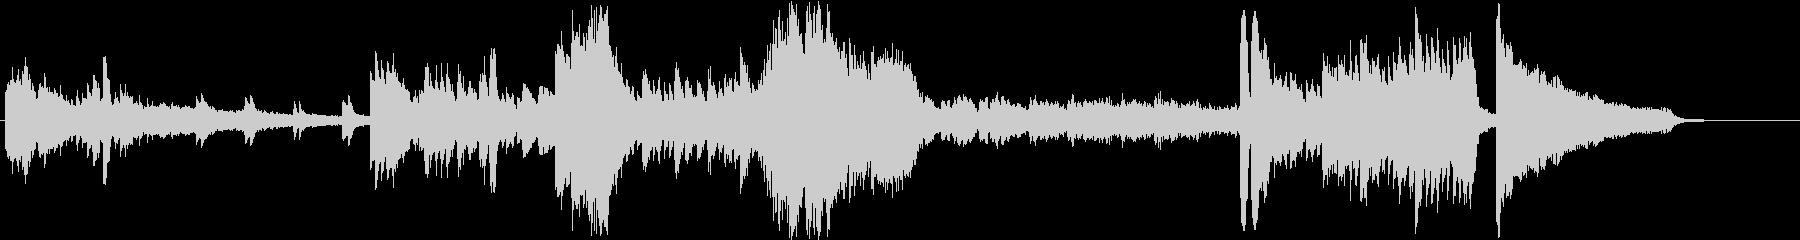 無機質な緊迫感の、変拍子ピアノソロの未再生の波形